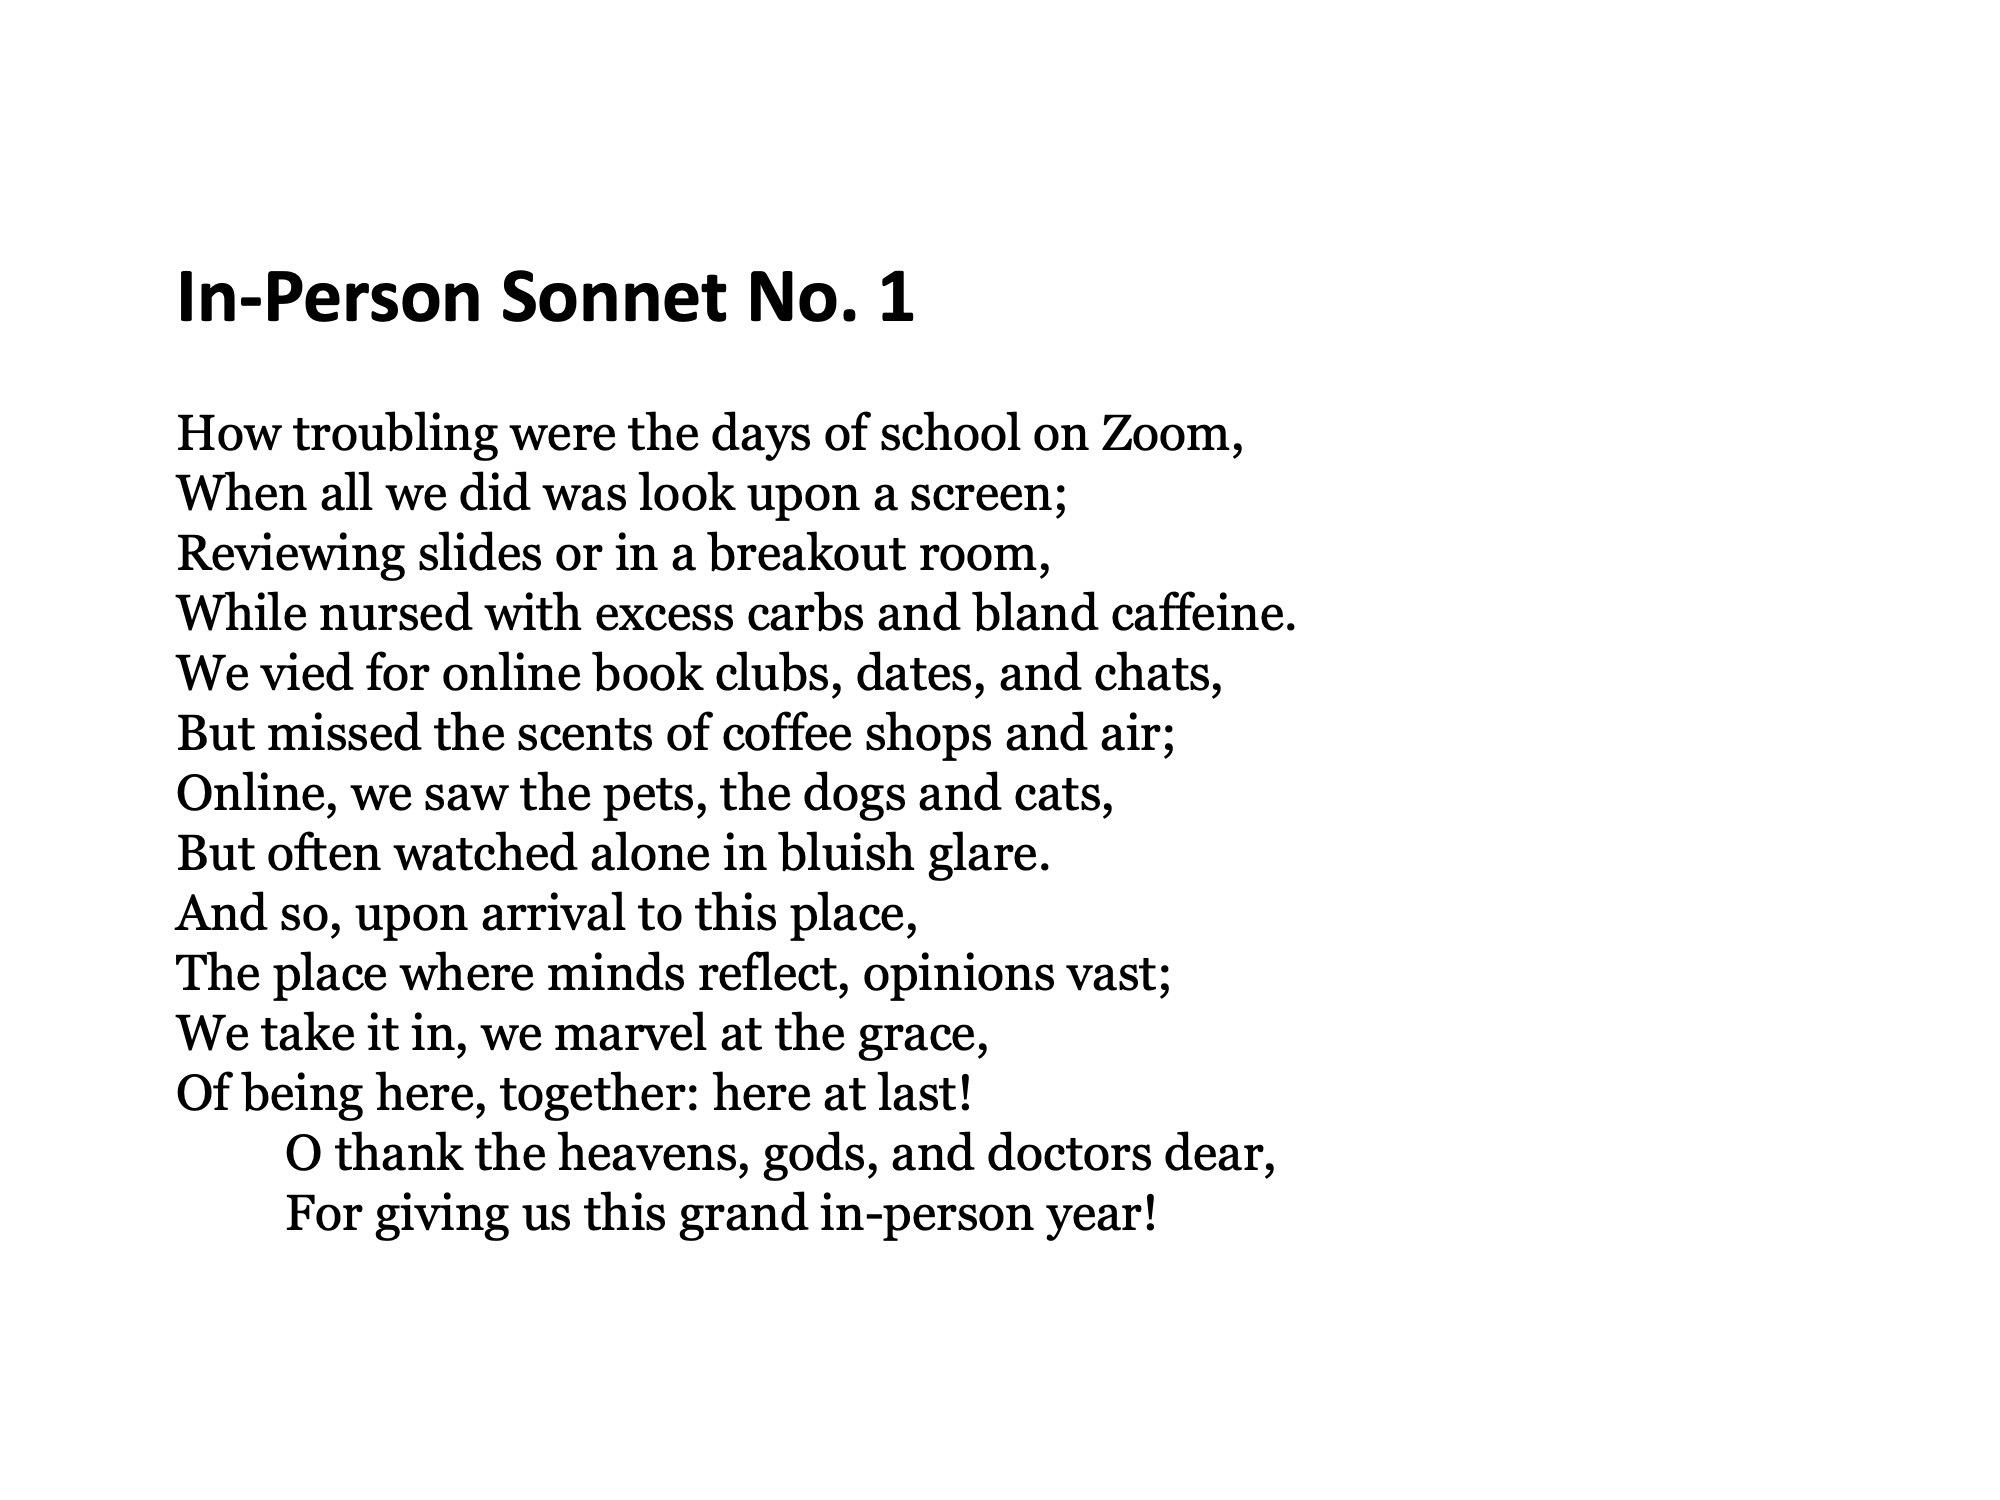 Sonnet 1.